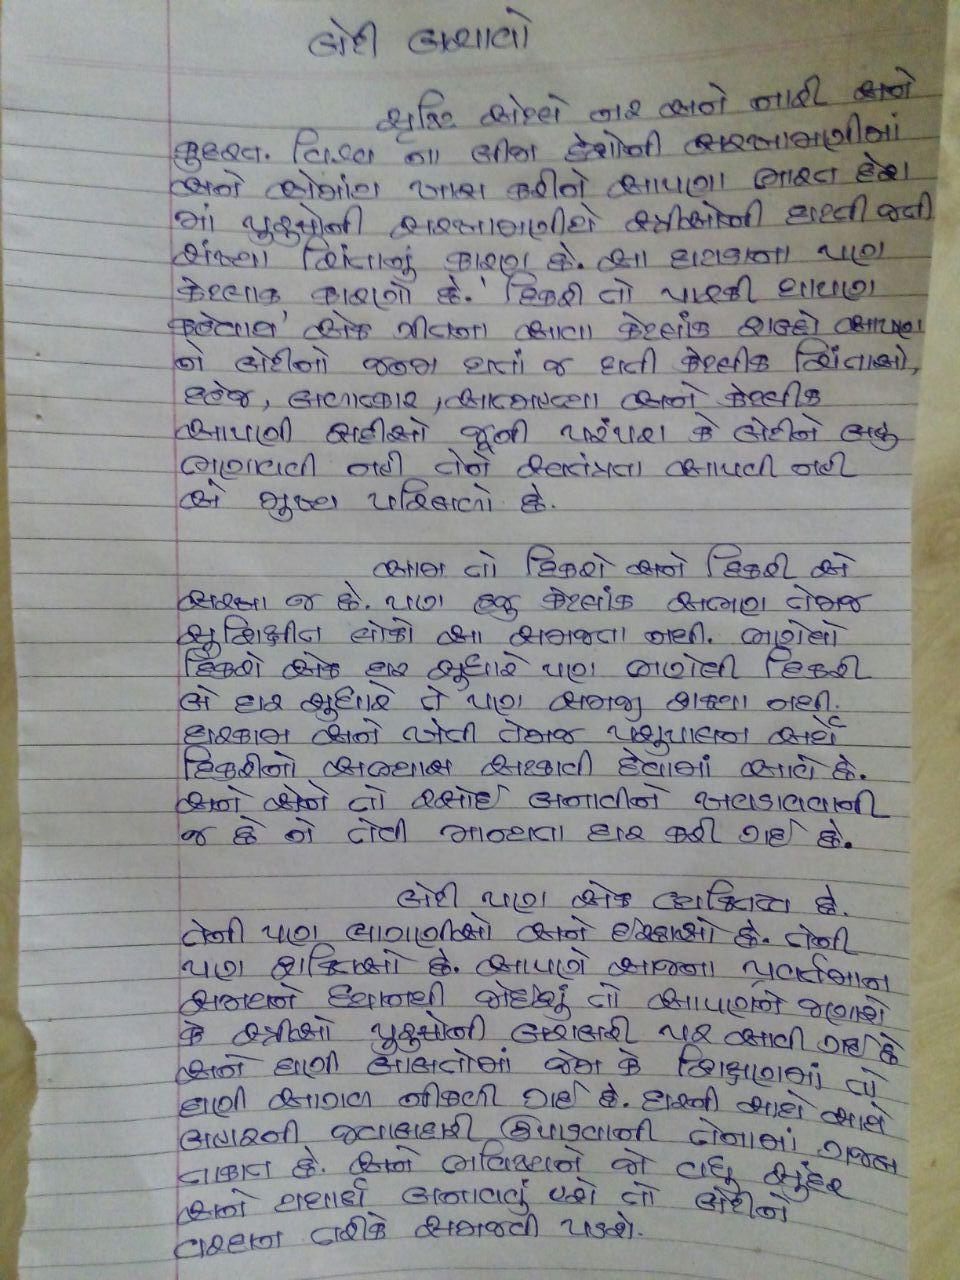 बेटी बचाओ बेटी पढ़ाओ निबंध | Beti Bachao Beti Padhao Essay